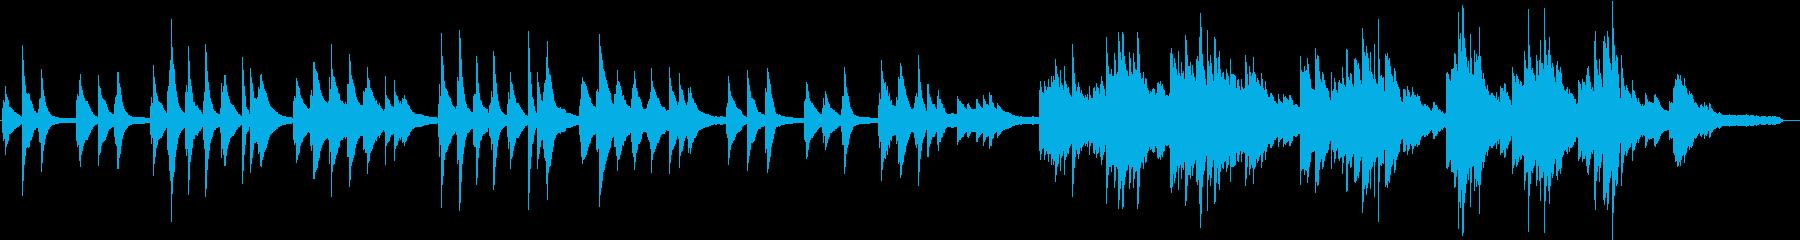 さくら(ピアノカバー)の再生済みの波形